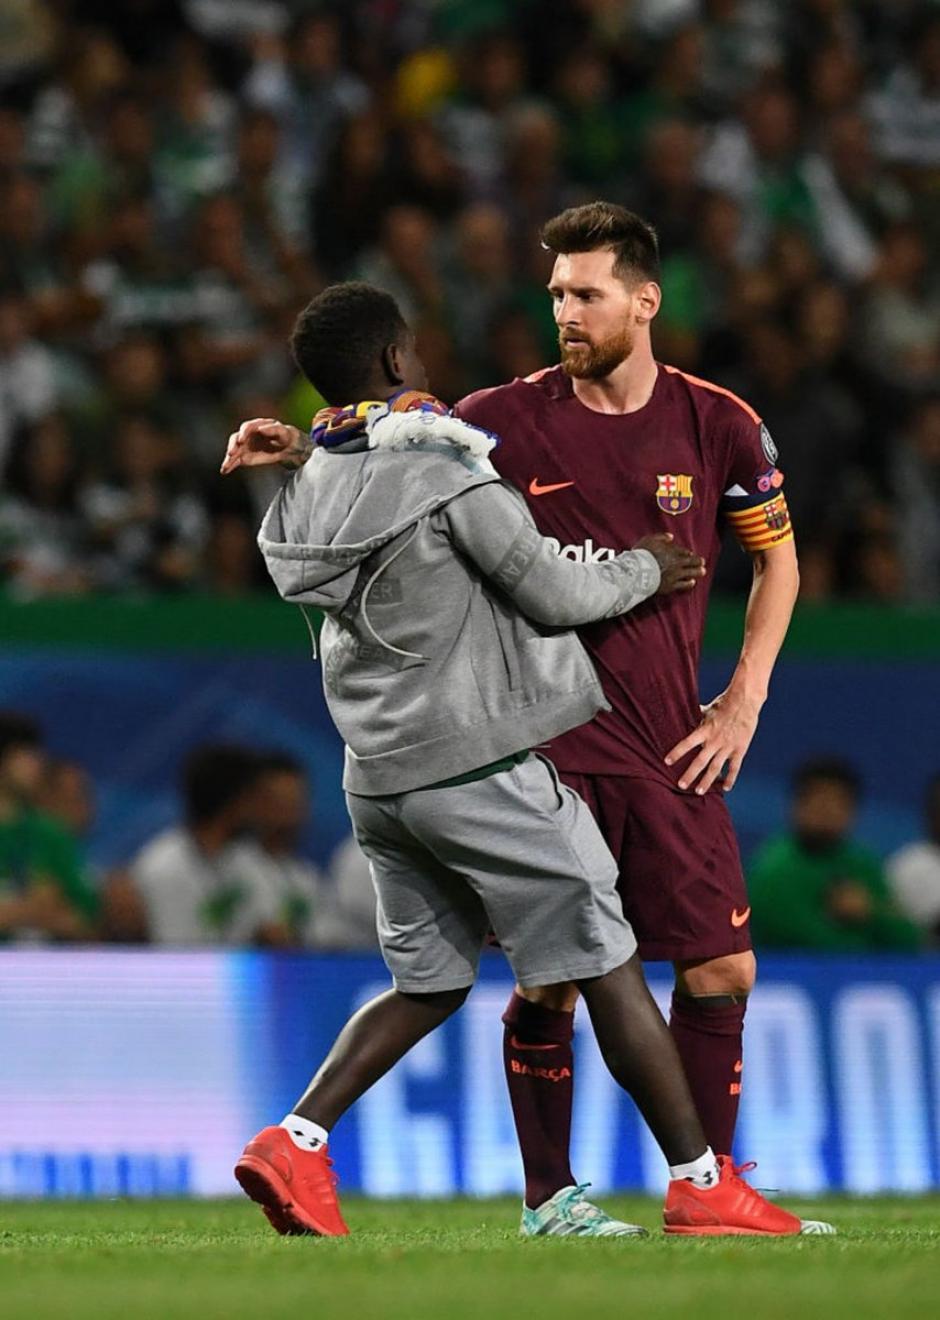 Primero fue un abrazo y luego vino el beso a Messi. (Foto: VG Sports)